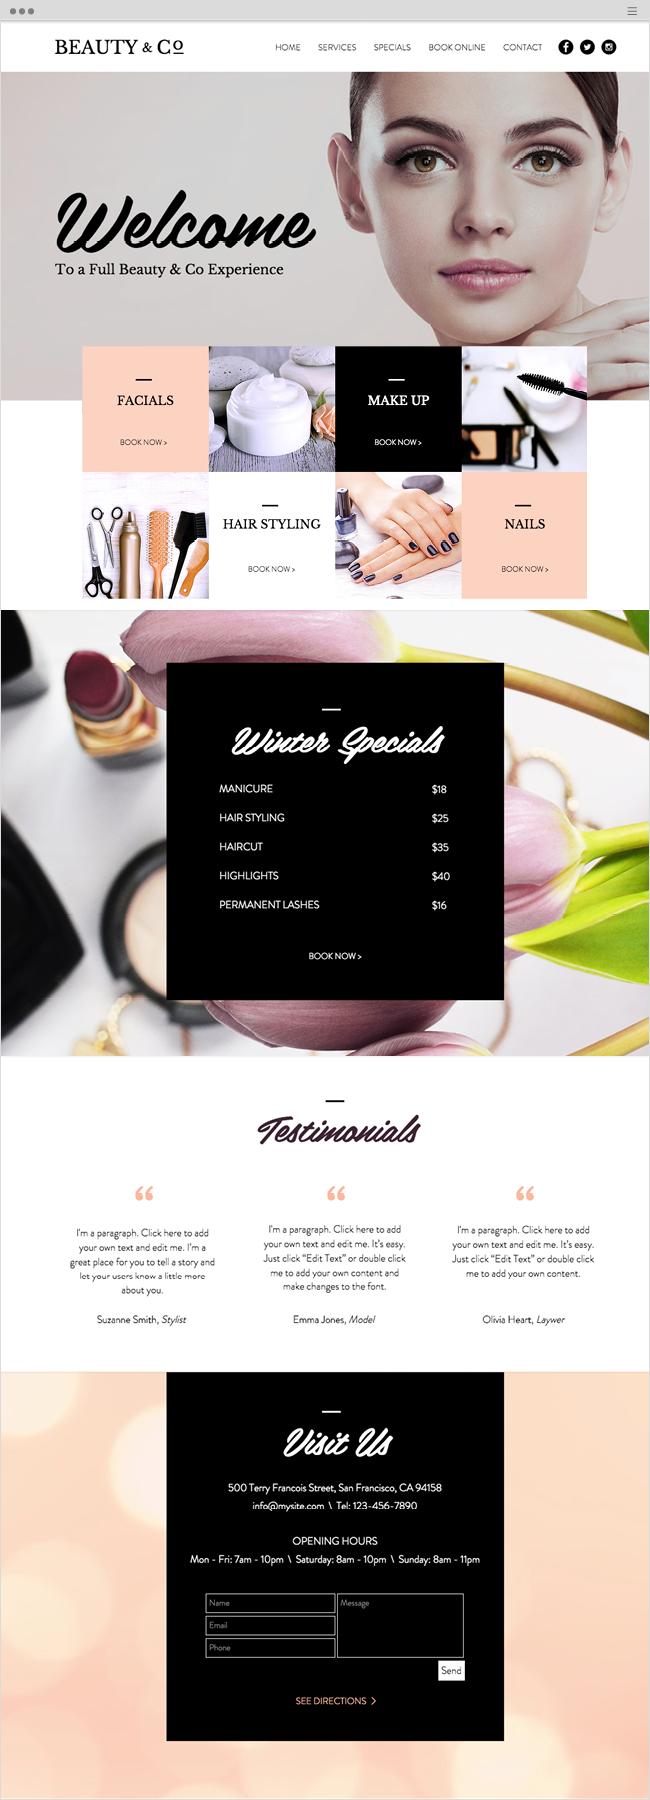 Beauty Salon Website Template | Wix Website Templates | Pinterest ...